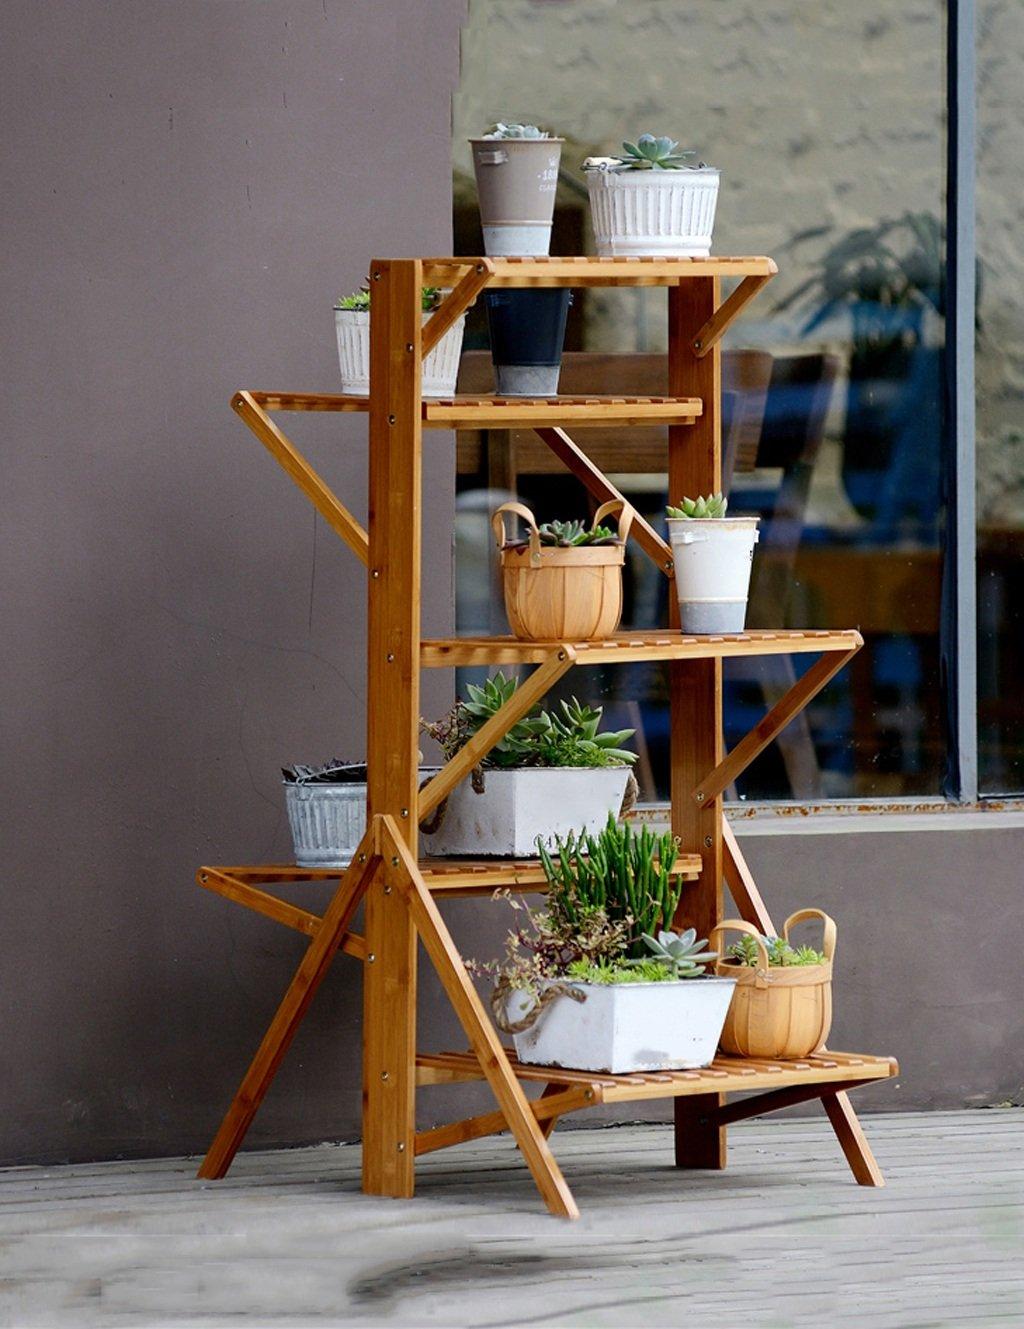 LB huajia ZHANWEI Blumentopf-Rack, Faltender hölzerner Wohnzimmer Mehrstöckiger Blumen-Rahmen-Balkon-Blumen-Topf-Zahnstange